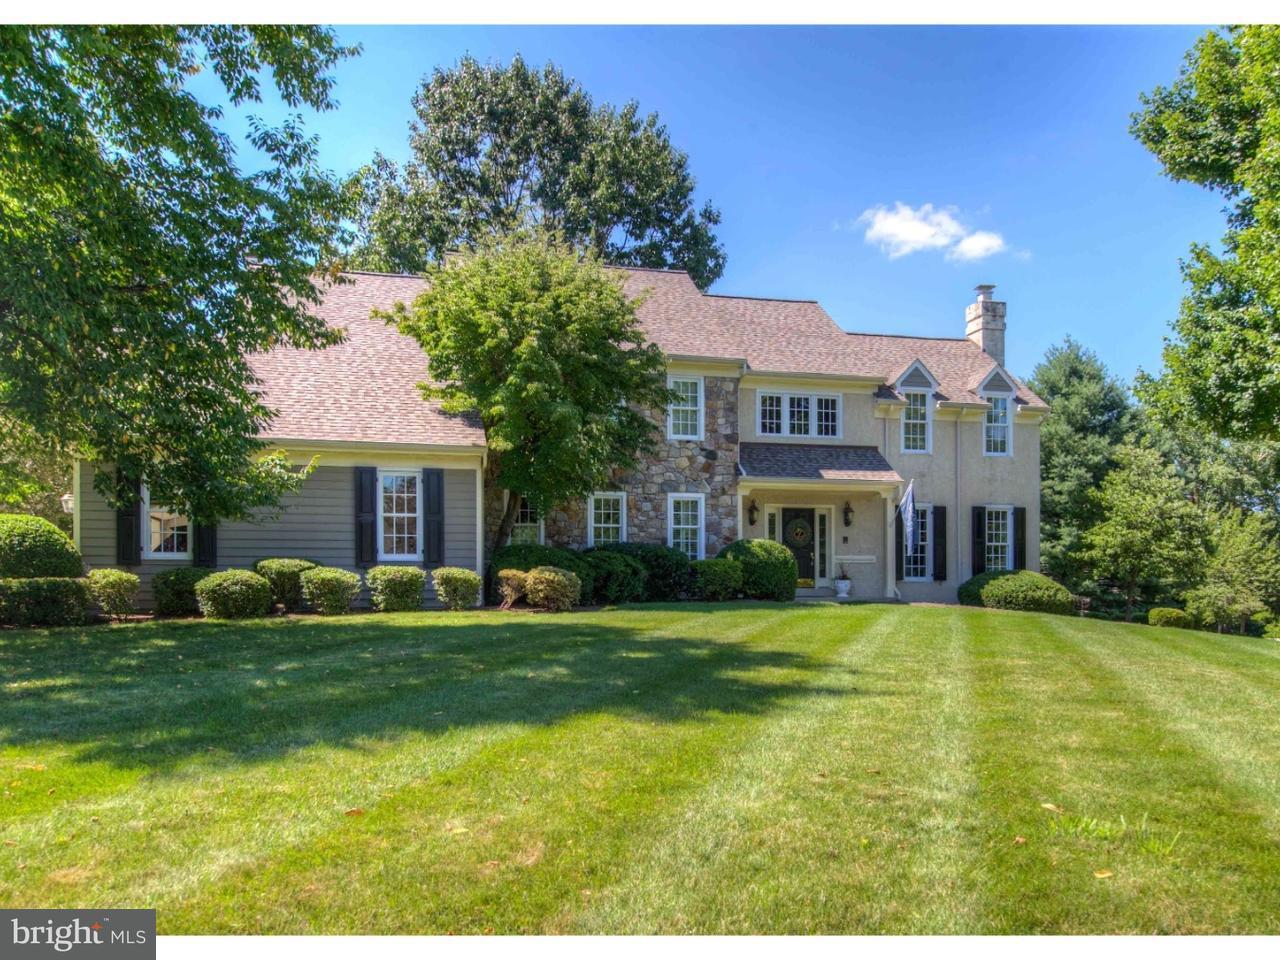 Maison unifamiliale pour l Vente à 10 WESTHORPE Lane Phoenixville, Pennsylvanie 19460 États-Unis